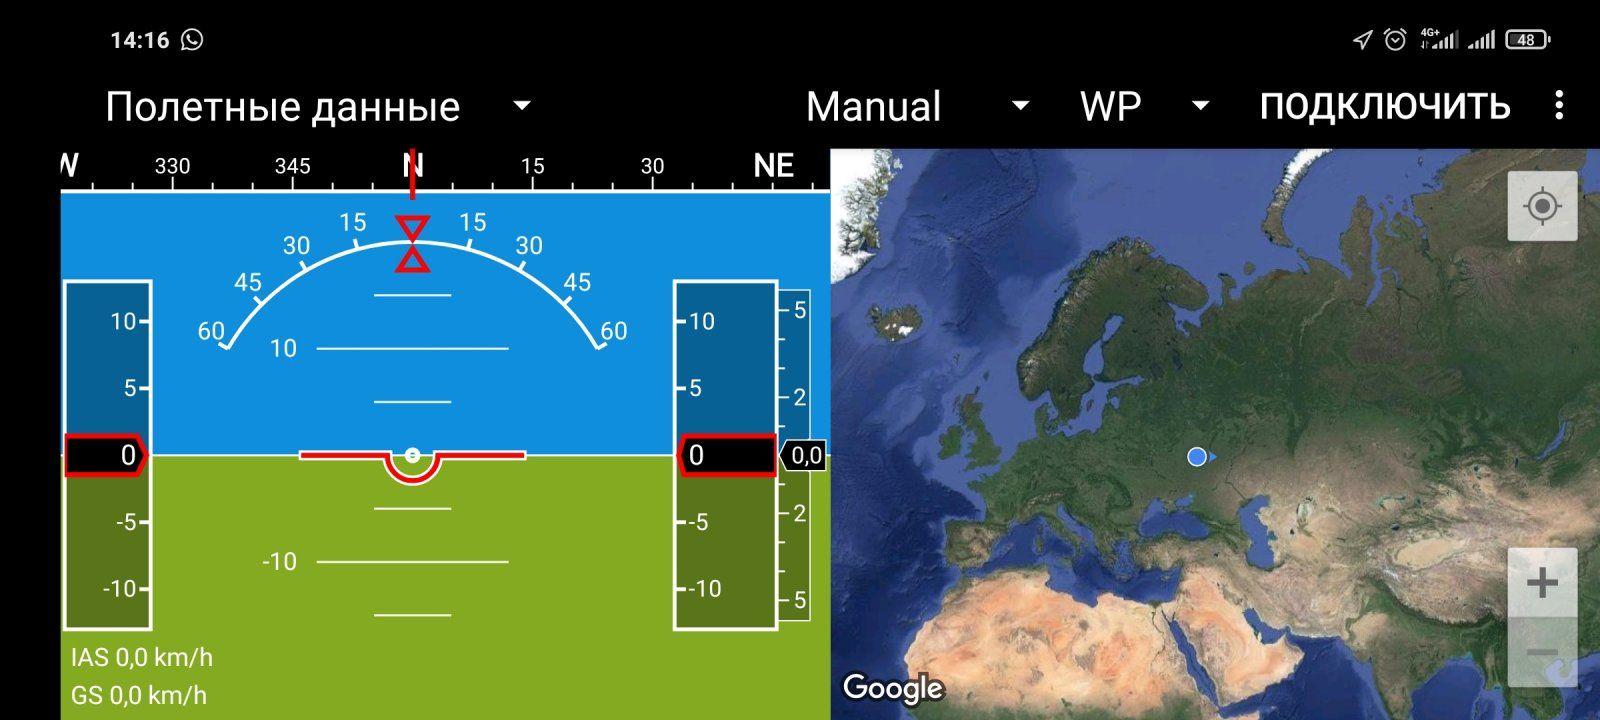 Screenshot_2021-04-02-14-16-55-034_com.droidplanner.jpg